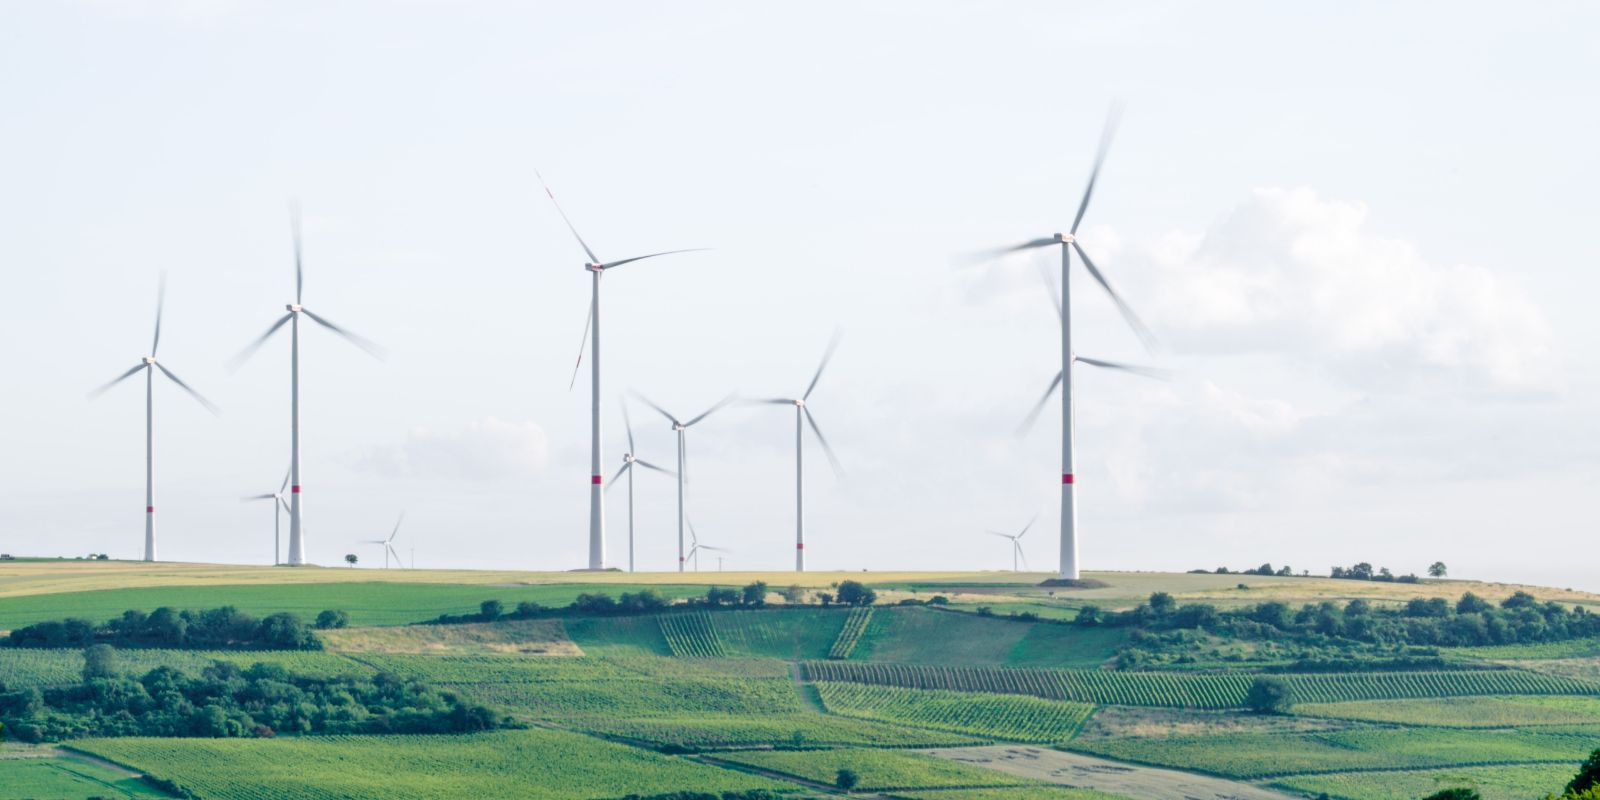 szélenergia, megújuló energiaforrások